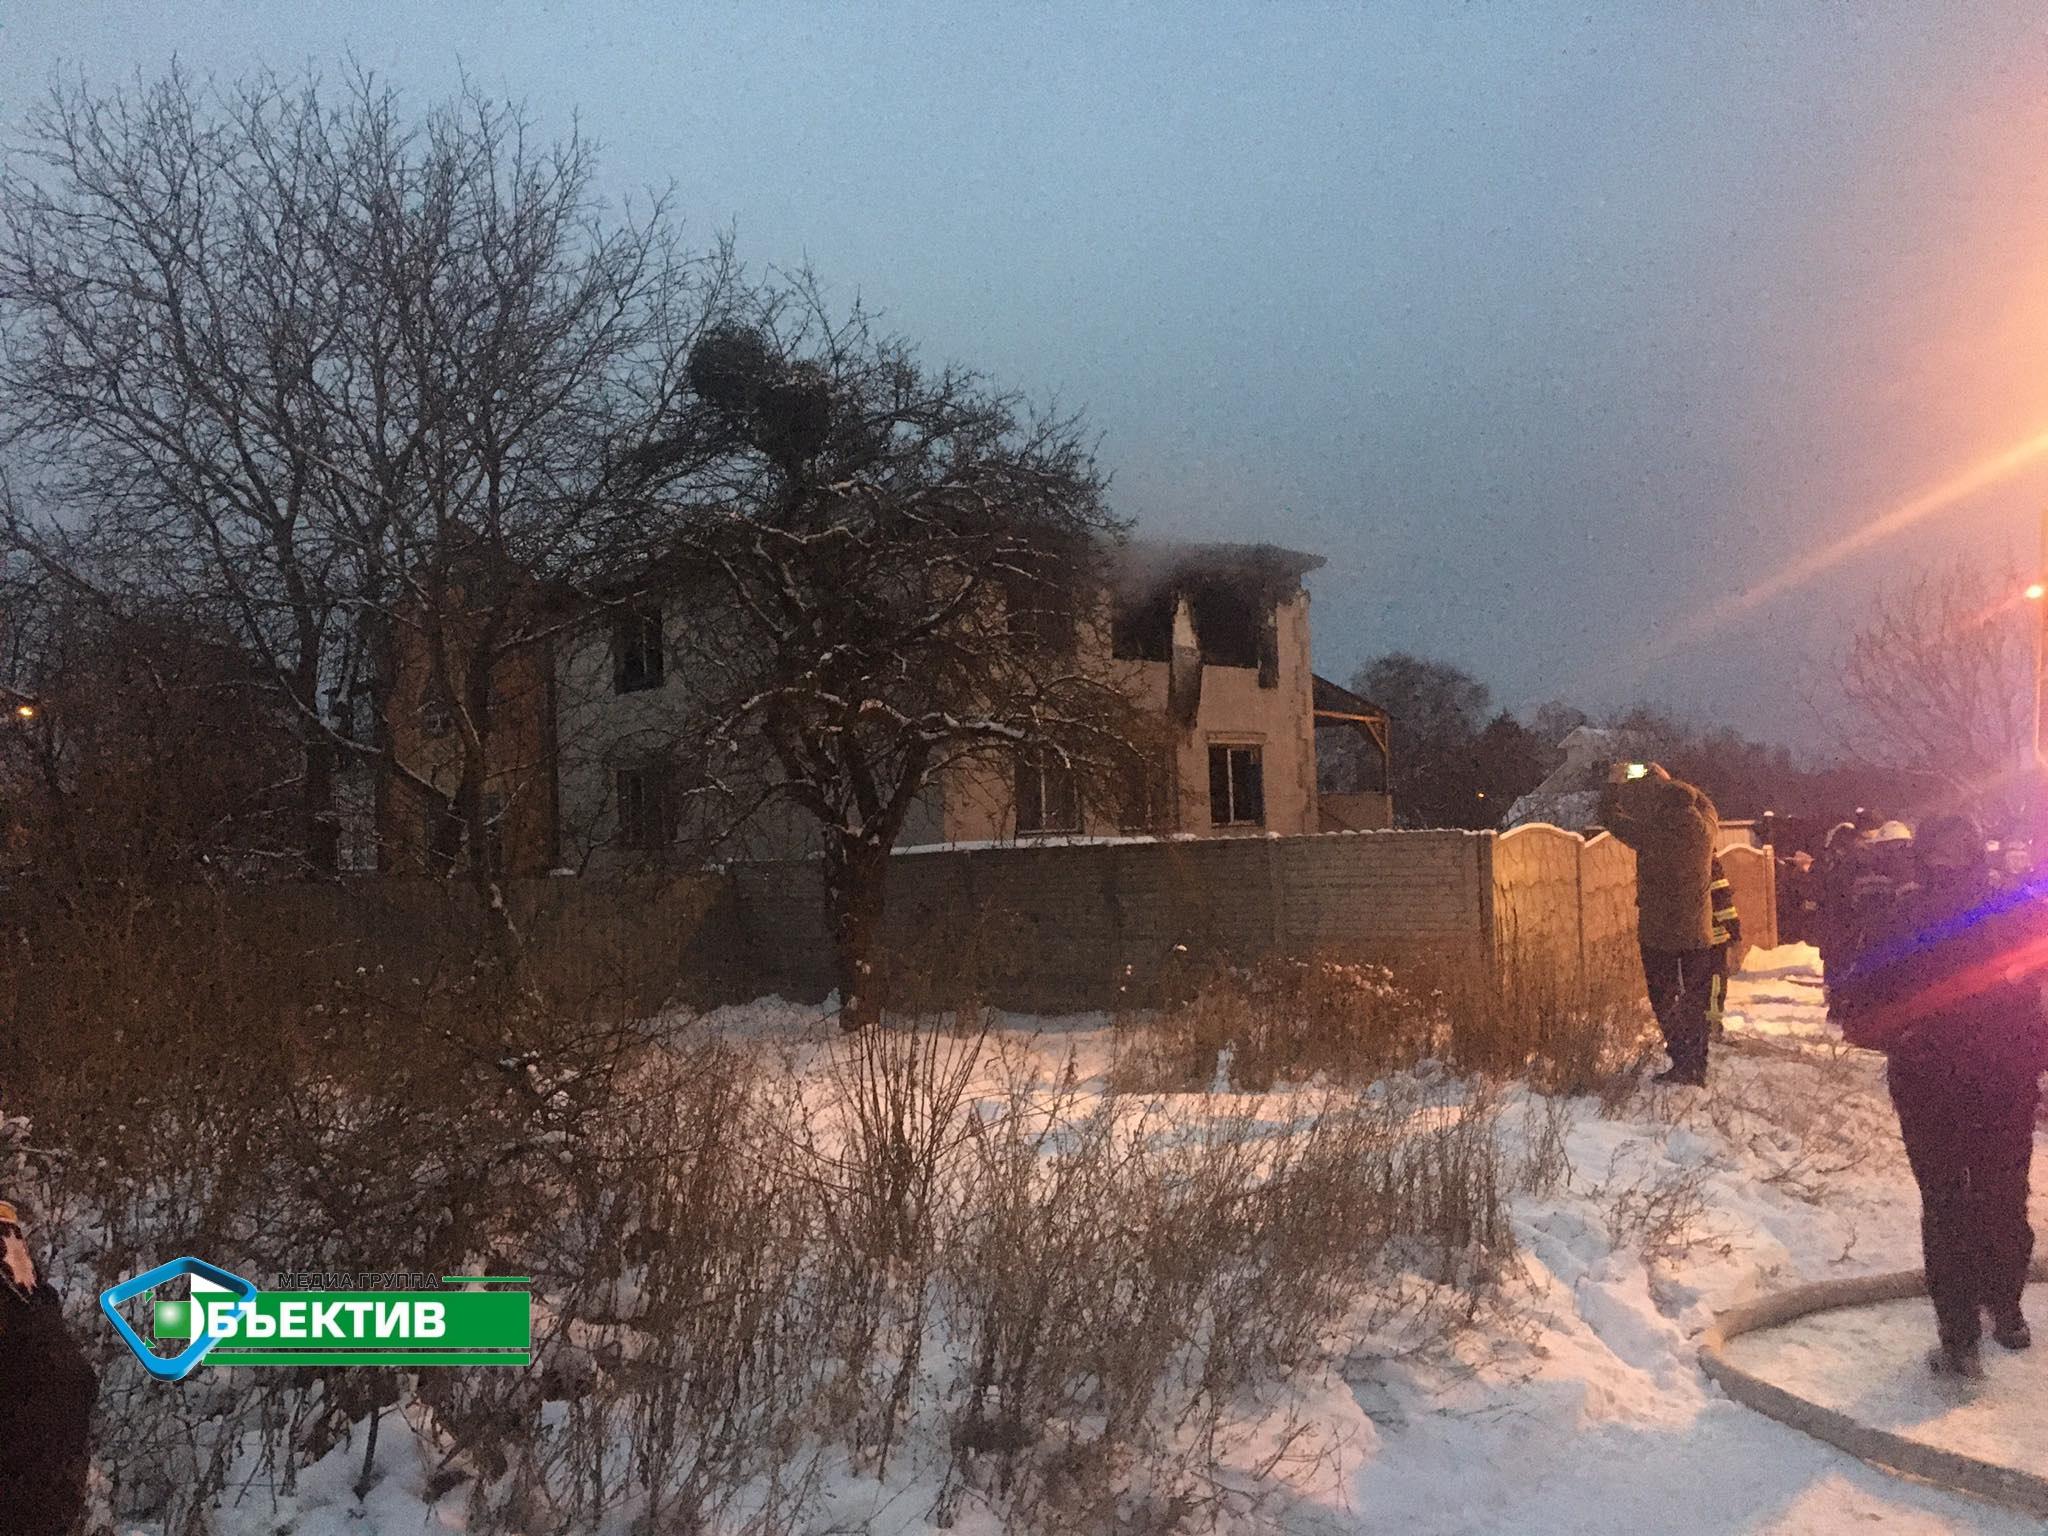 Из-за пожара в харьковском доме престарелых созывают внеочередное заседание правительства